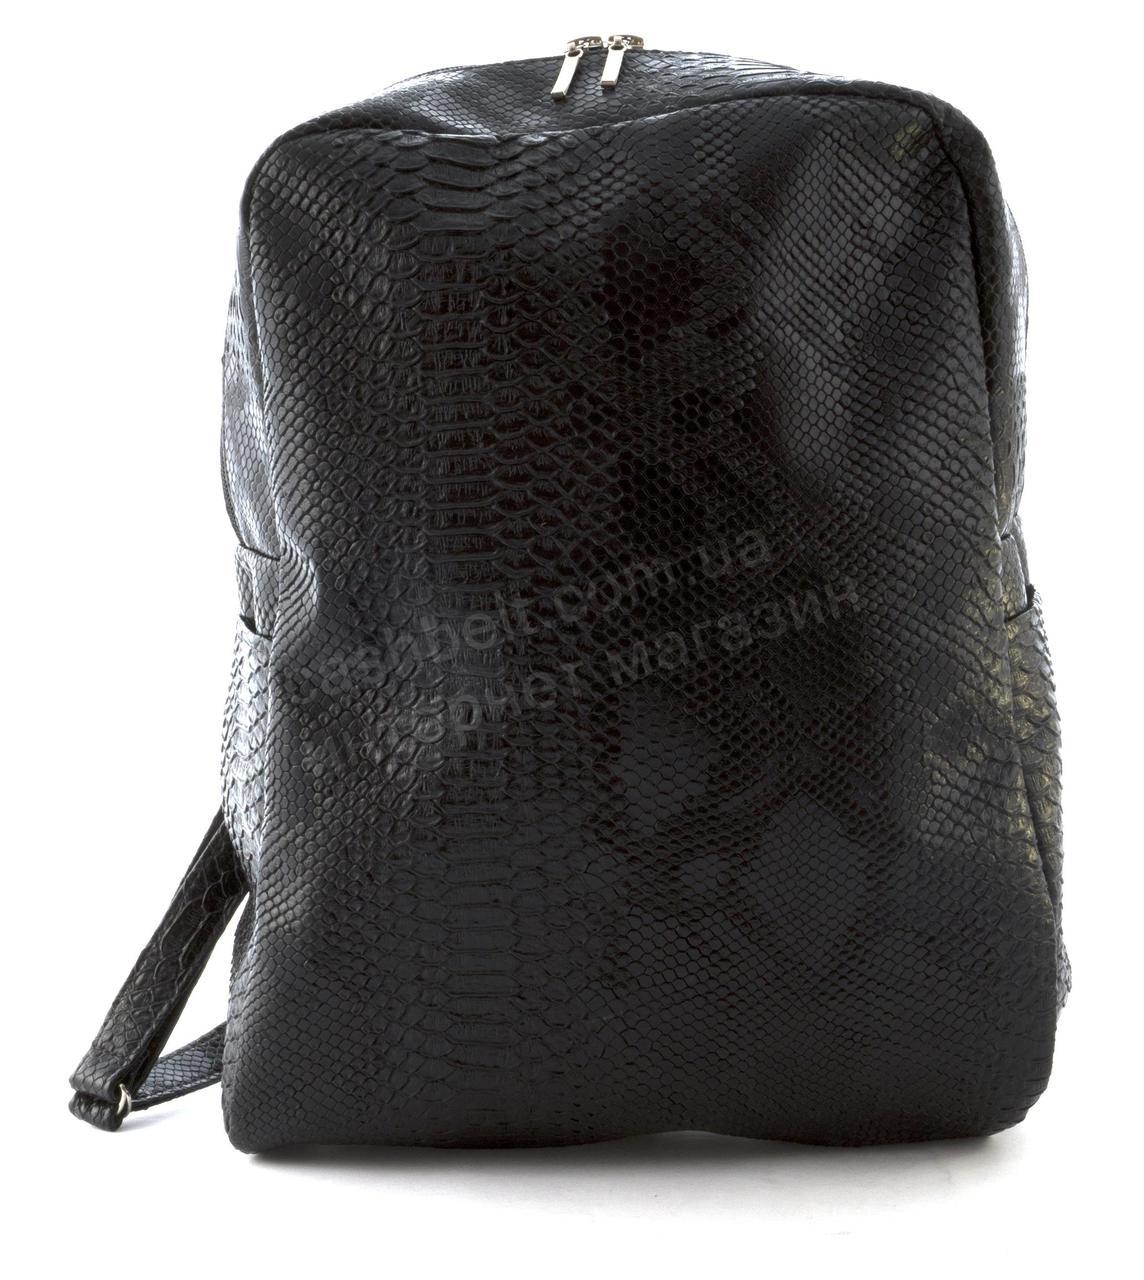 Стильный небольшой женский качественный рюкзачок с эко кожи под рептилию art. 42 (102298) черный